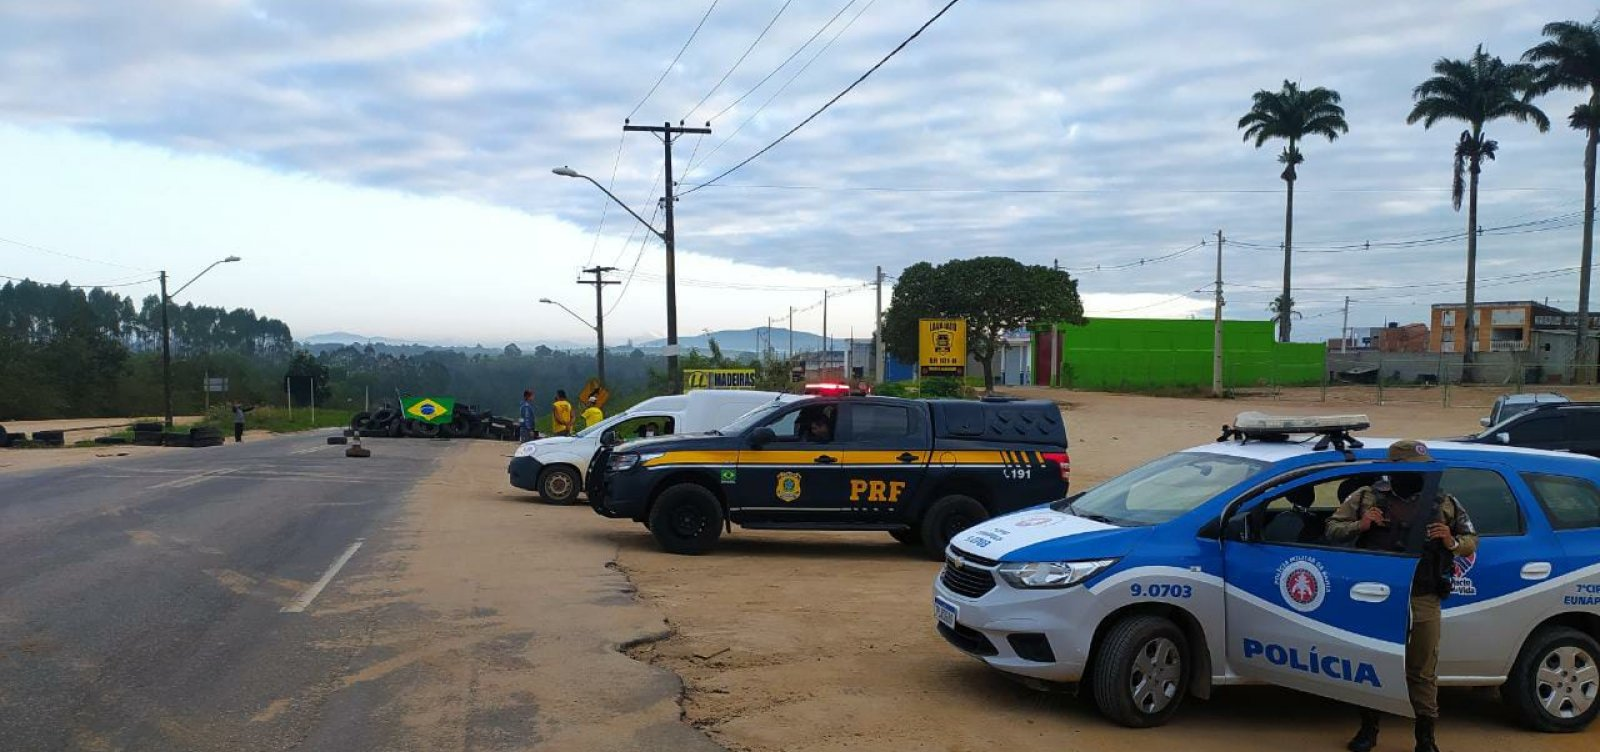 BR-116: trechos interditados por caminhoneiros são desbloqueados pela polícia